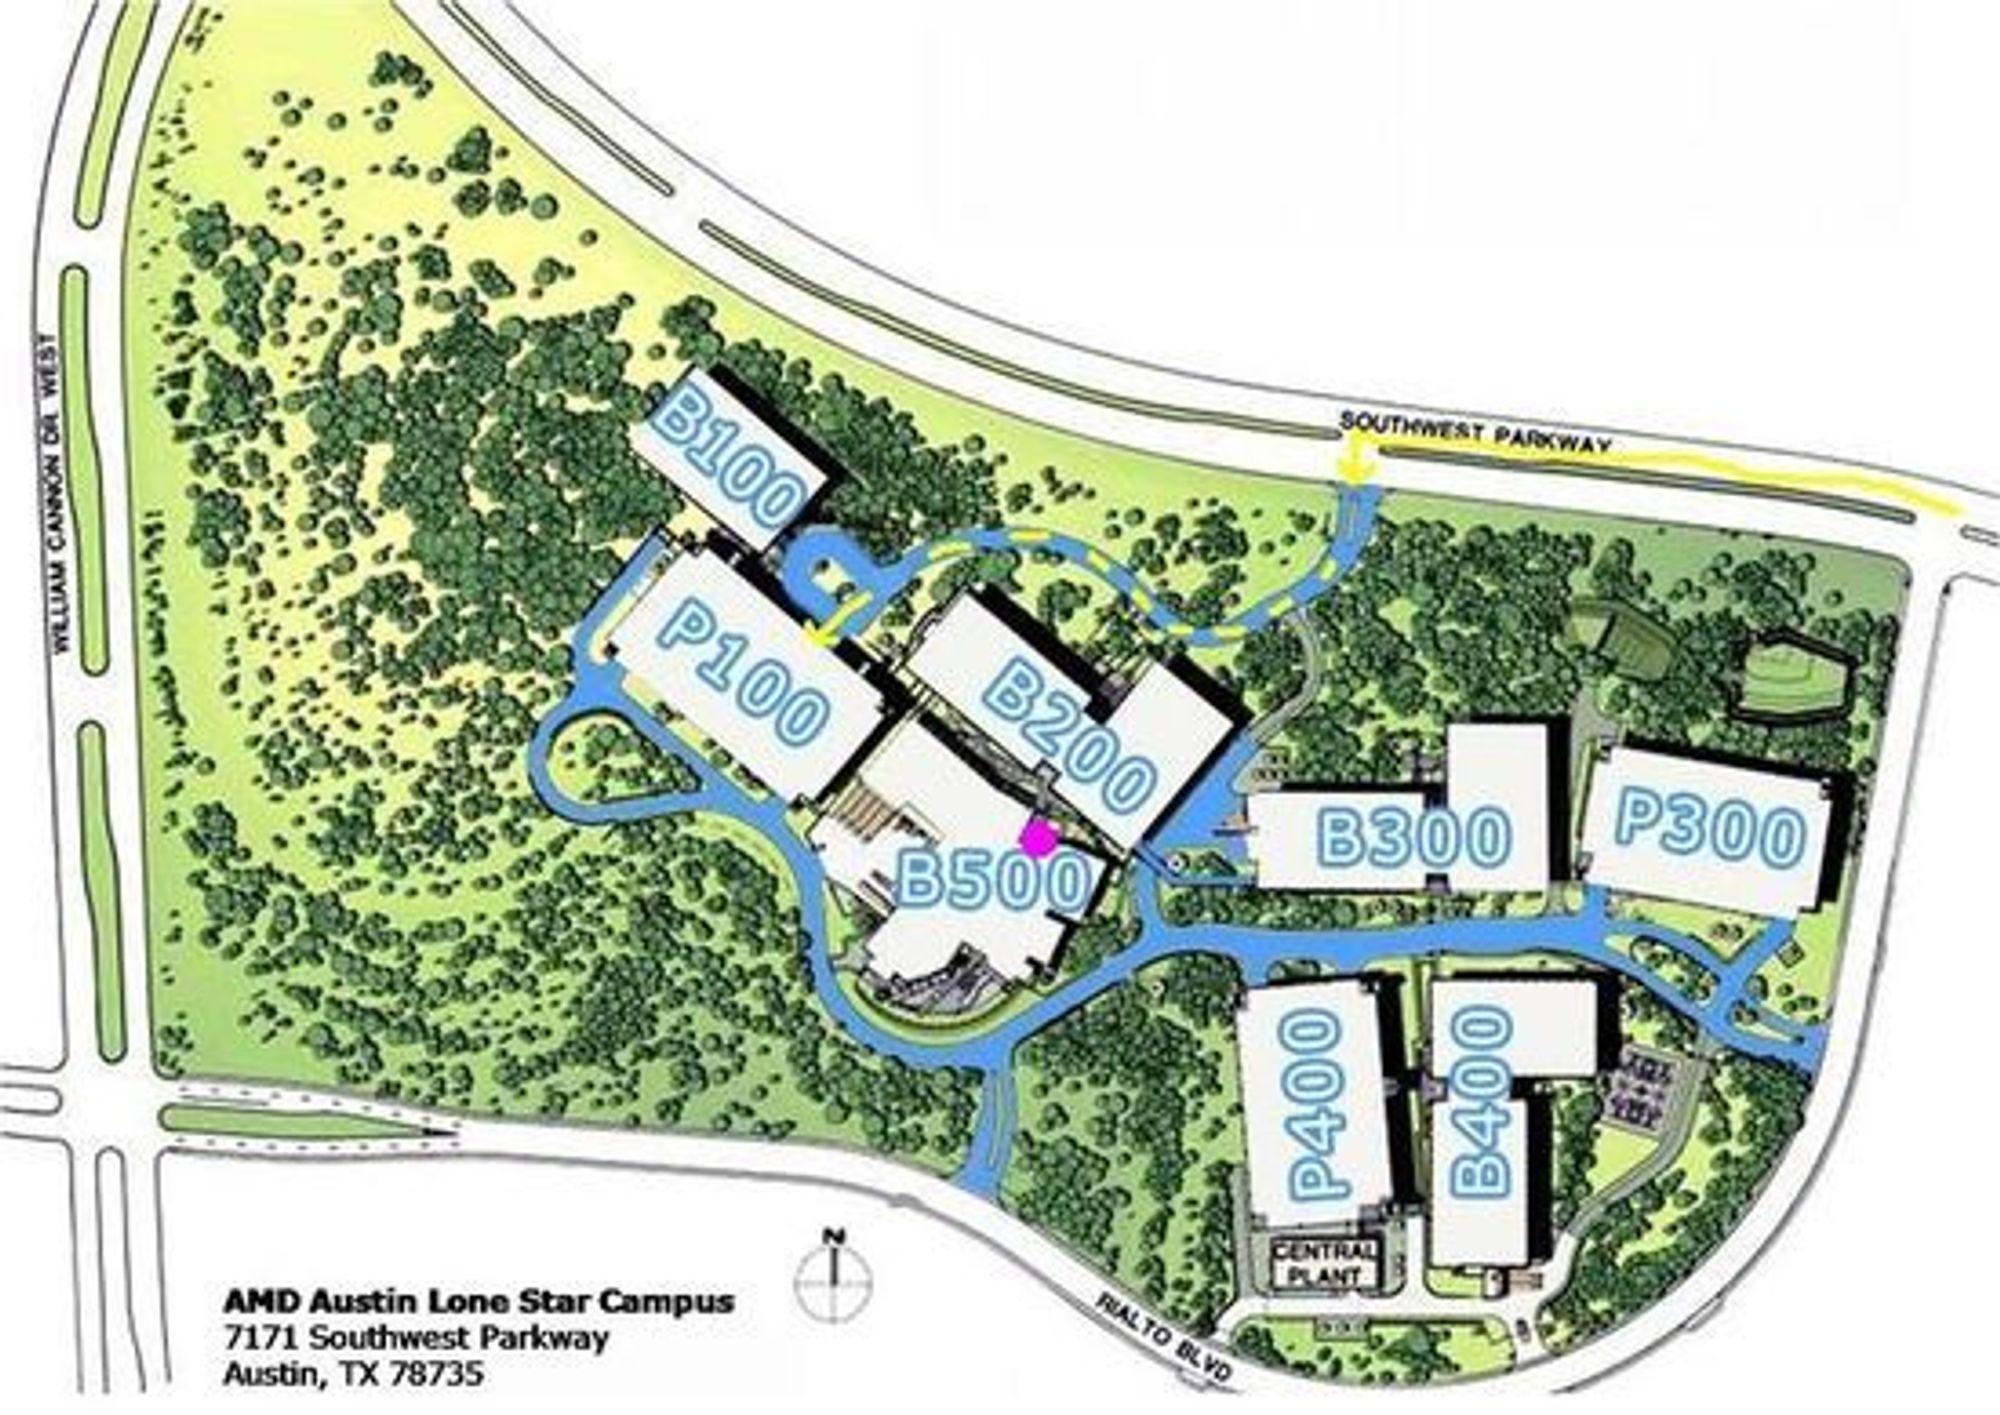 Eiendom til salgs: AMDs såkalte «Lone Star» campus i Austin består av en rekke bygninger.